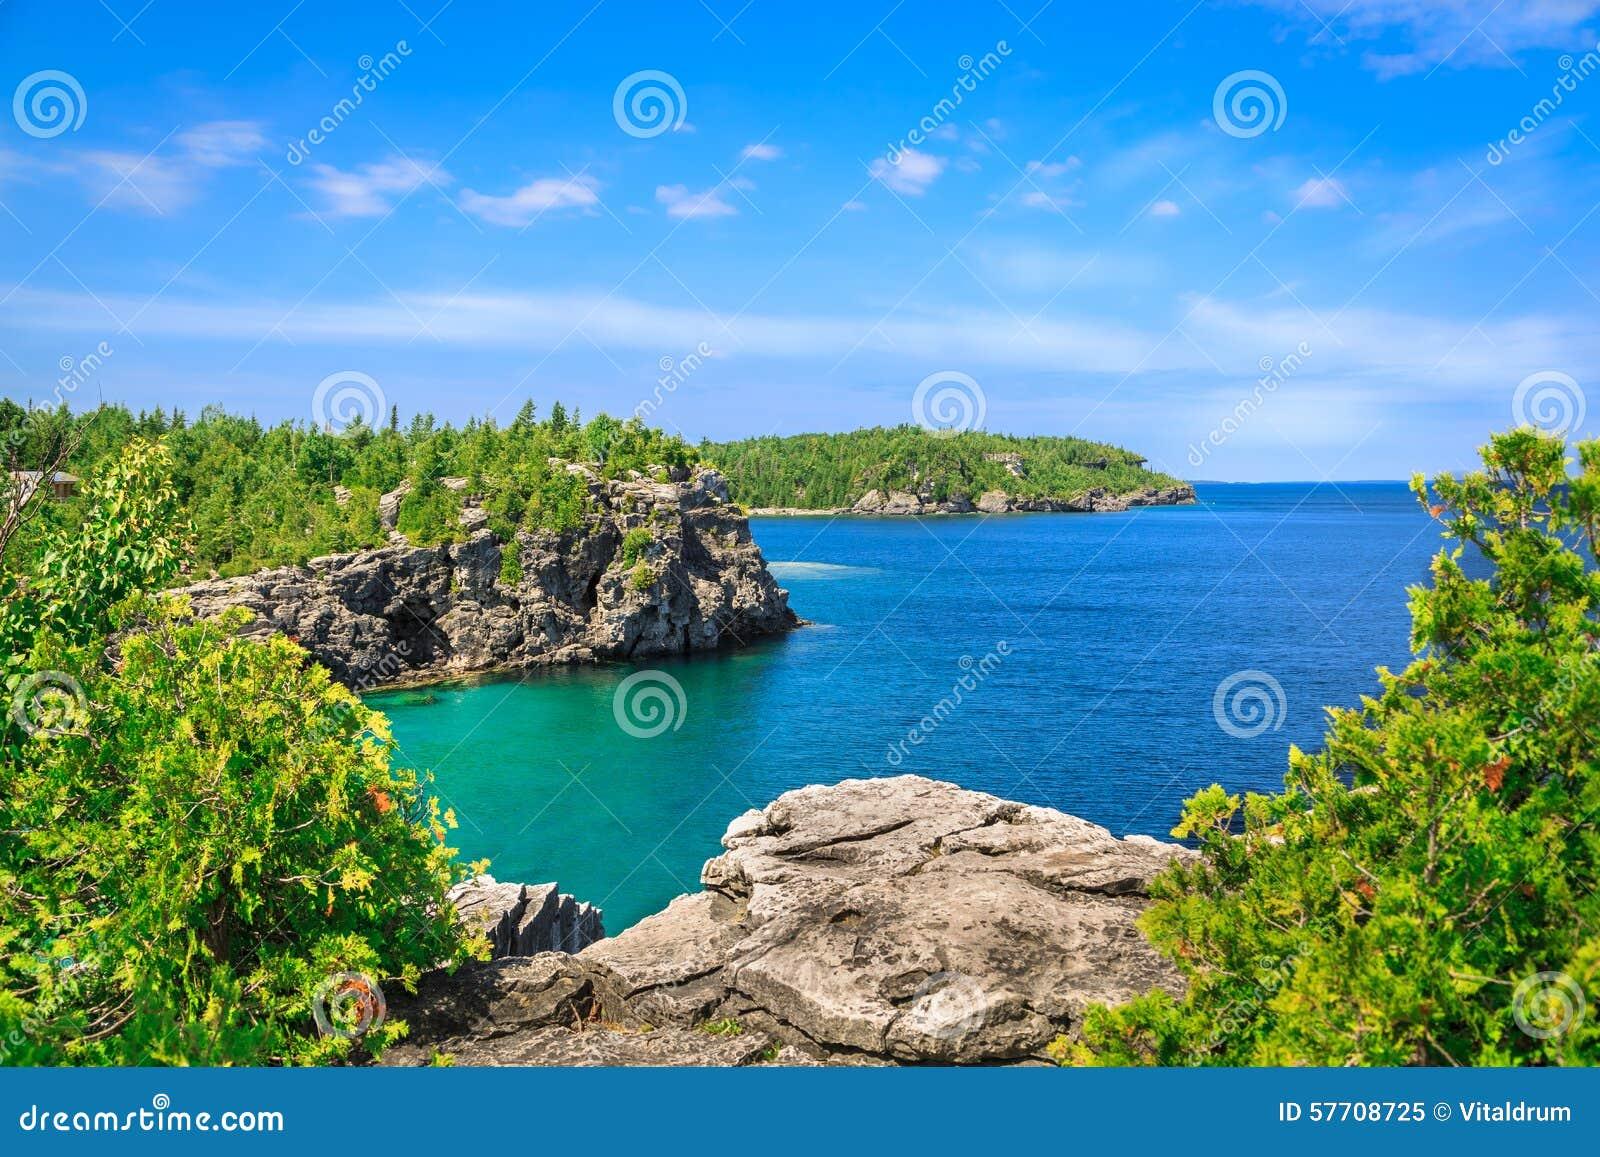 Wspaniały krajobrazowy widok wielki zapraszający Cypr jeziorny spokojny, turkus woda przy pięknym Bruce półwysepem, Ontario